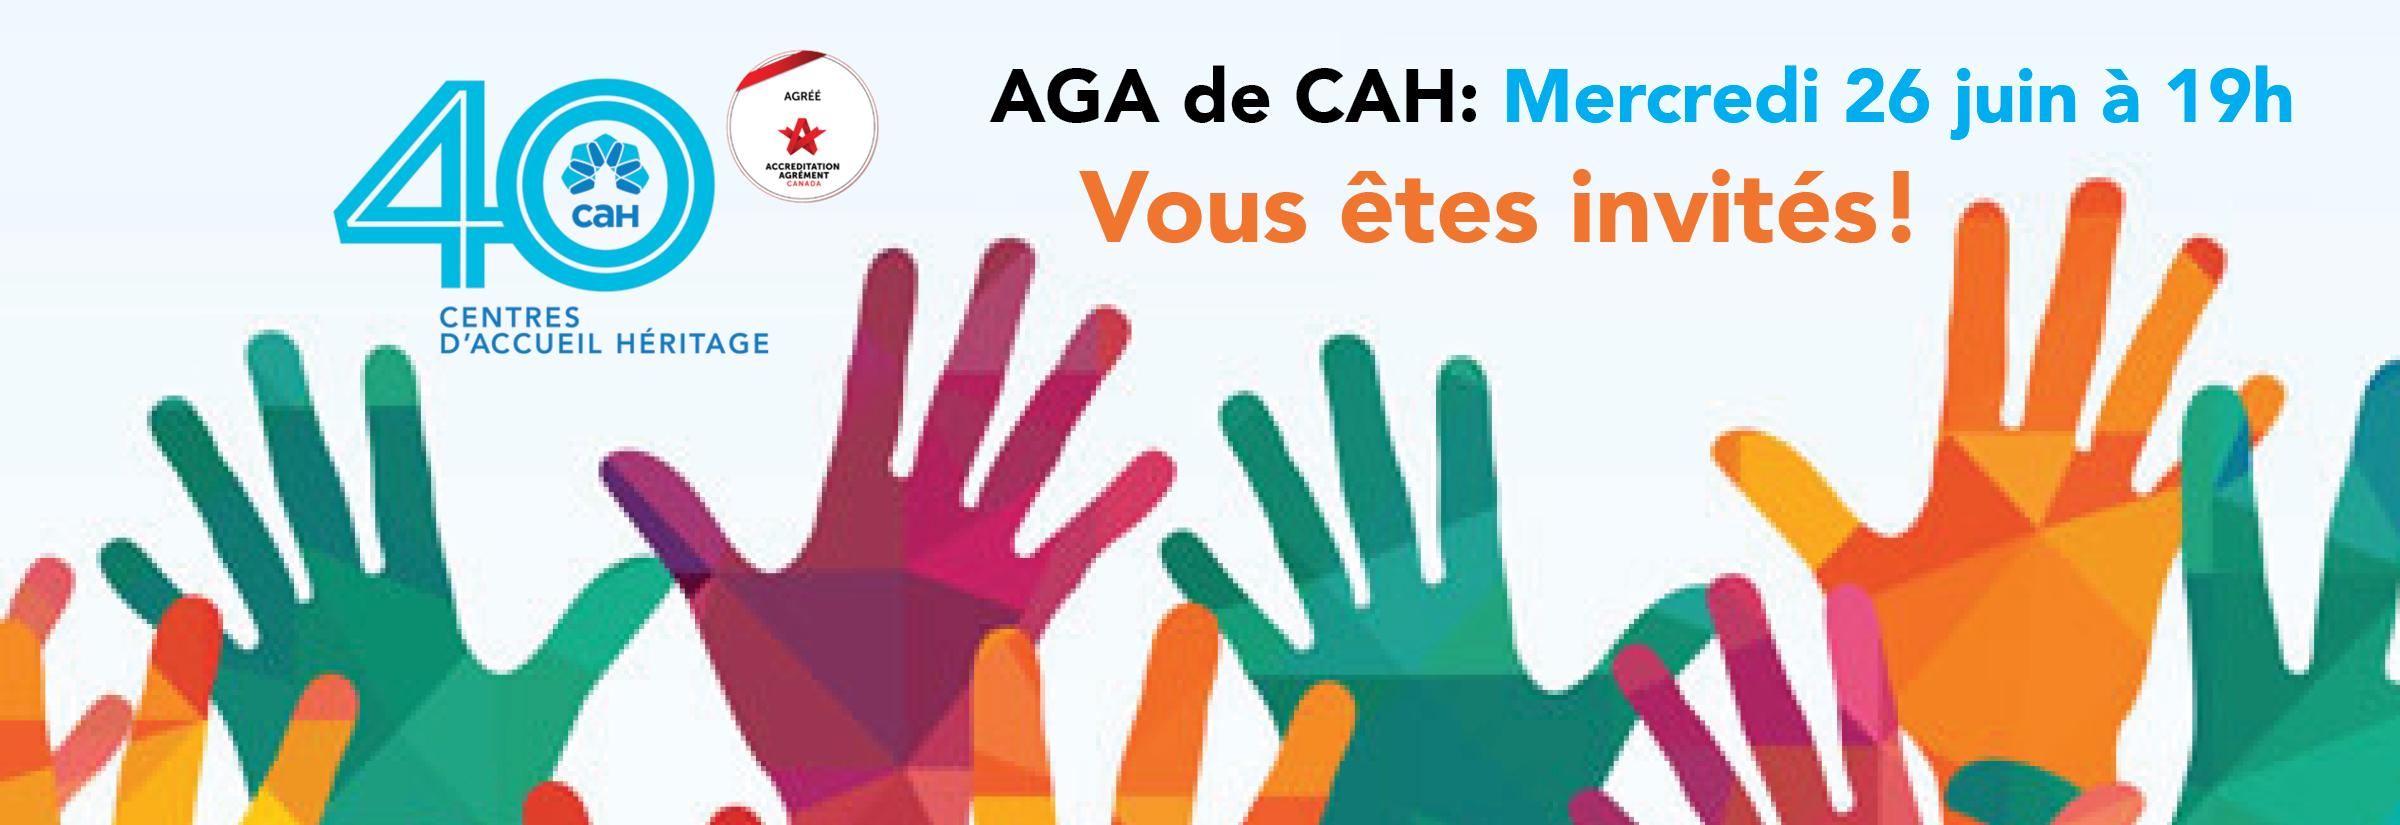 Invitation à l'AGA de CAH